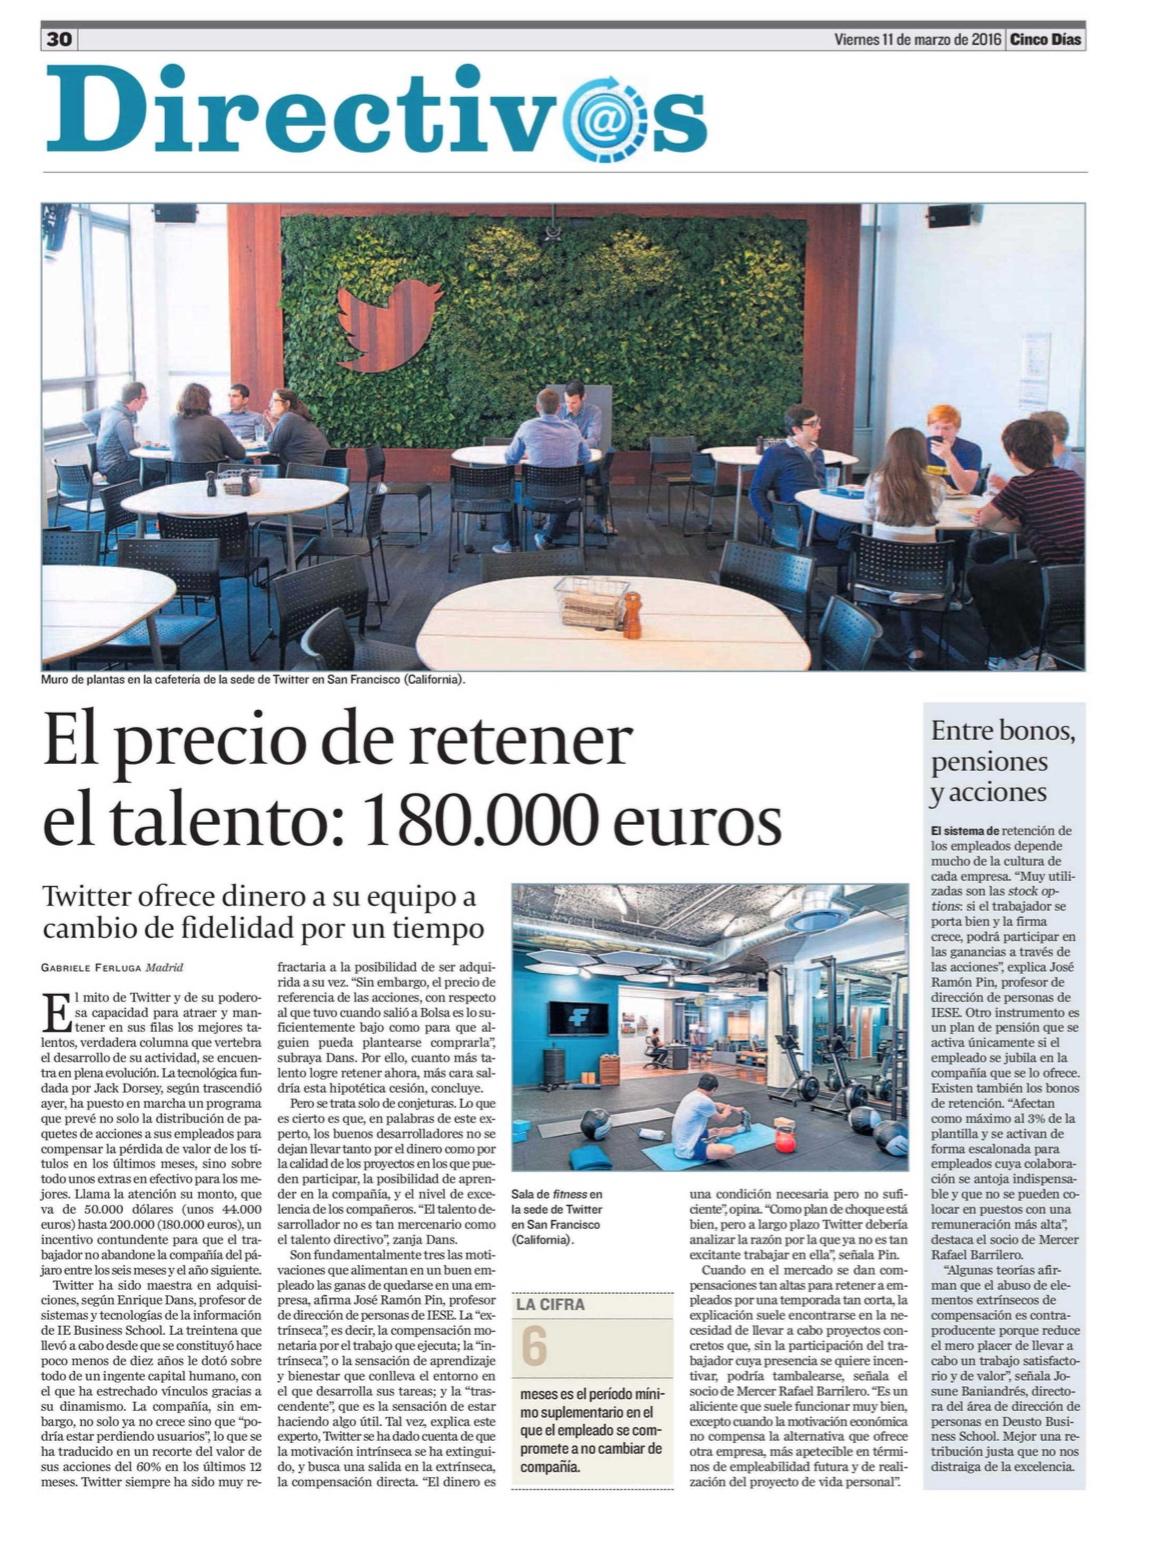 El precio de retener el talento: 180.000 euros - Cinco Dias (pdf)